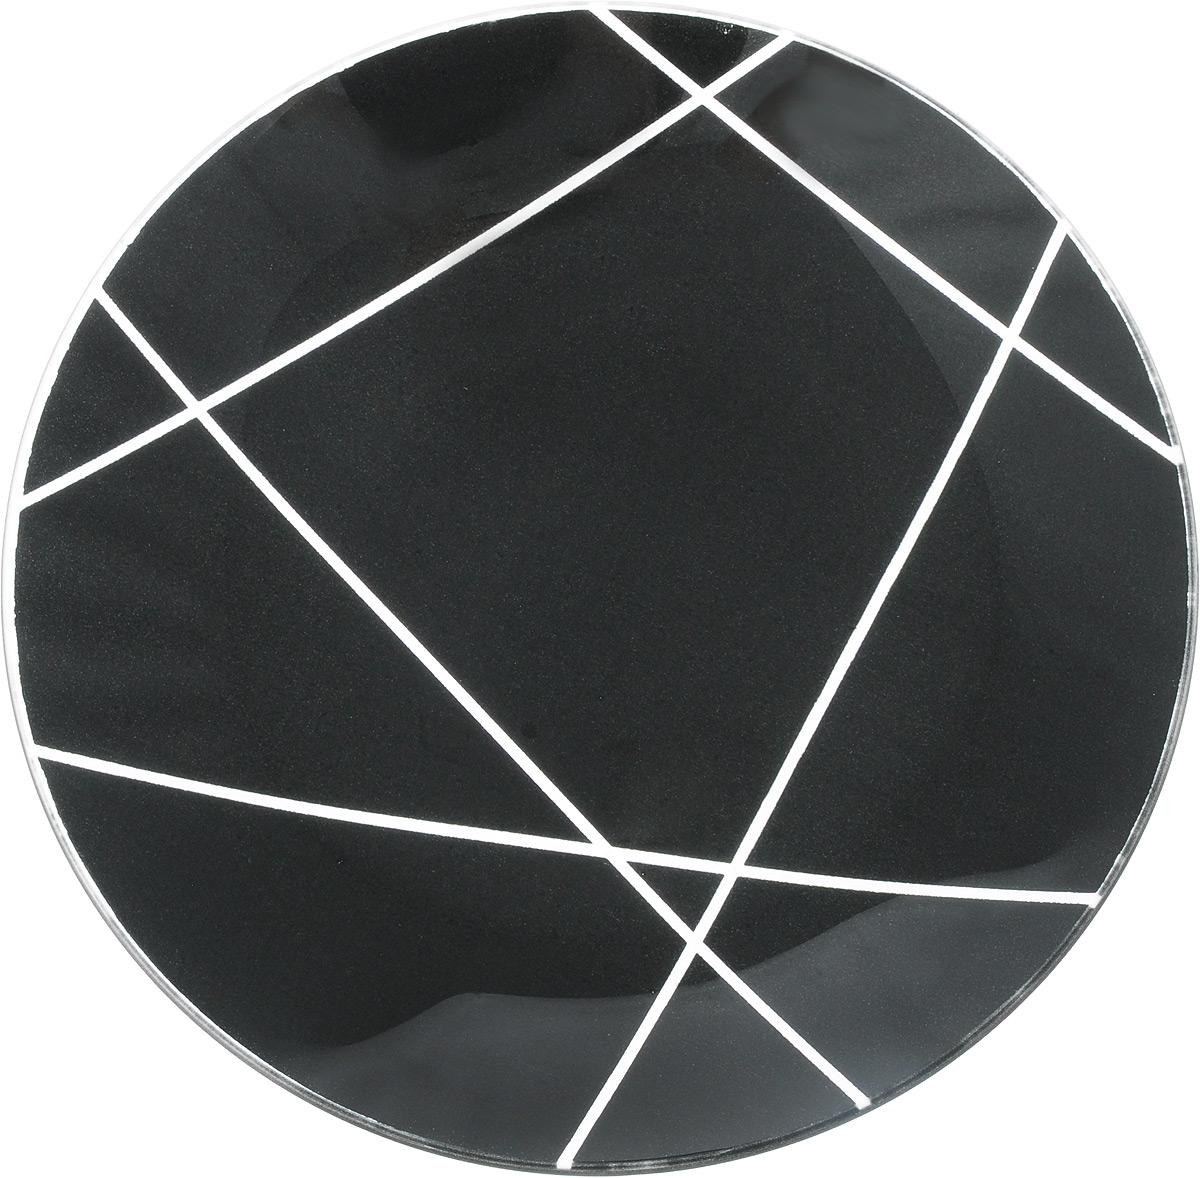 Тарелка NiNaGlass Контур, цвет: черный, диаметр 20 смРАД14458194_темно синий/коричневыйКруглая тарелка NiNaGlass Контур, изготовленная из стекла, декорирована оригинальным рисунком. Она не только украсит сервировку вашего стола и подчеркнет прекрасный вкус хозяйки, но и станет отличным подарком. Диаметр: 20 см. Высота: 3 см.